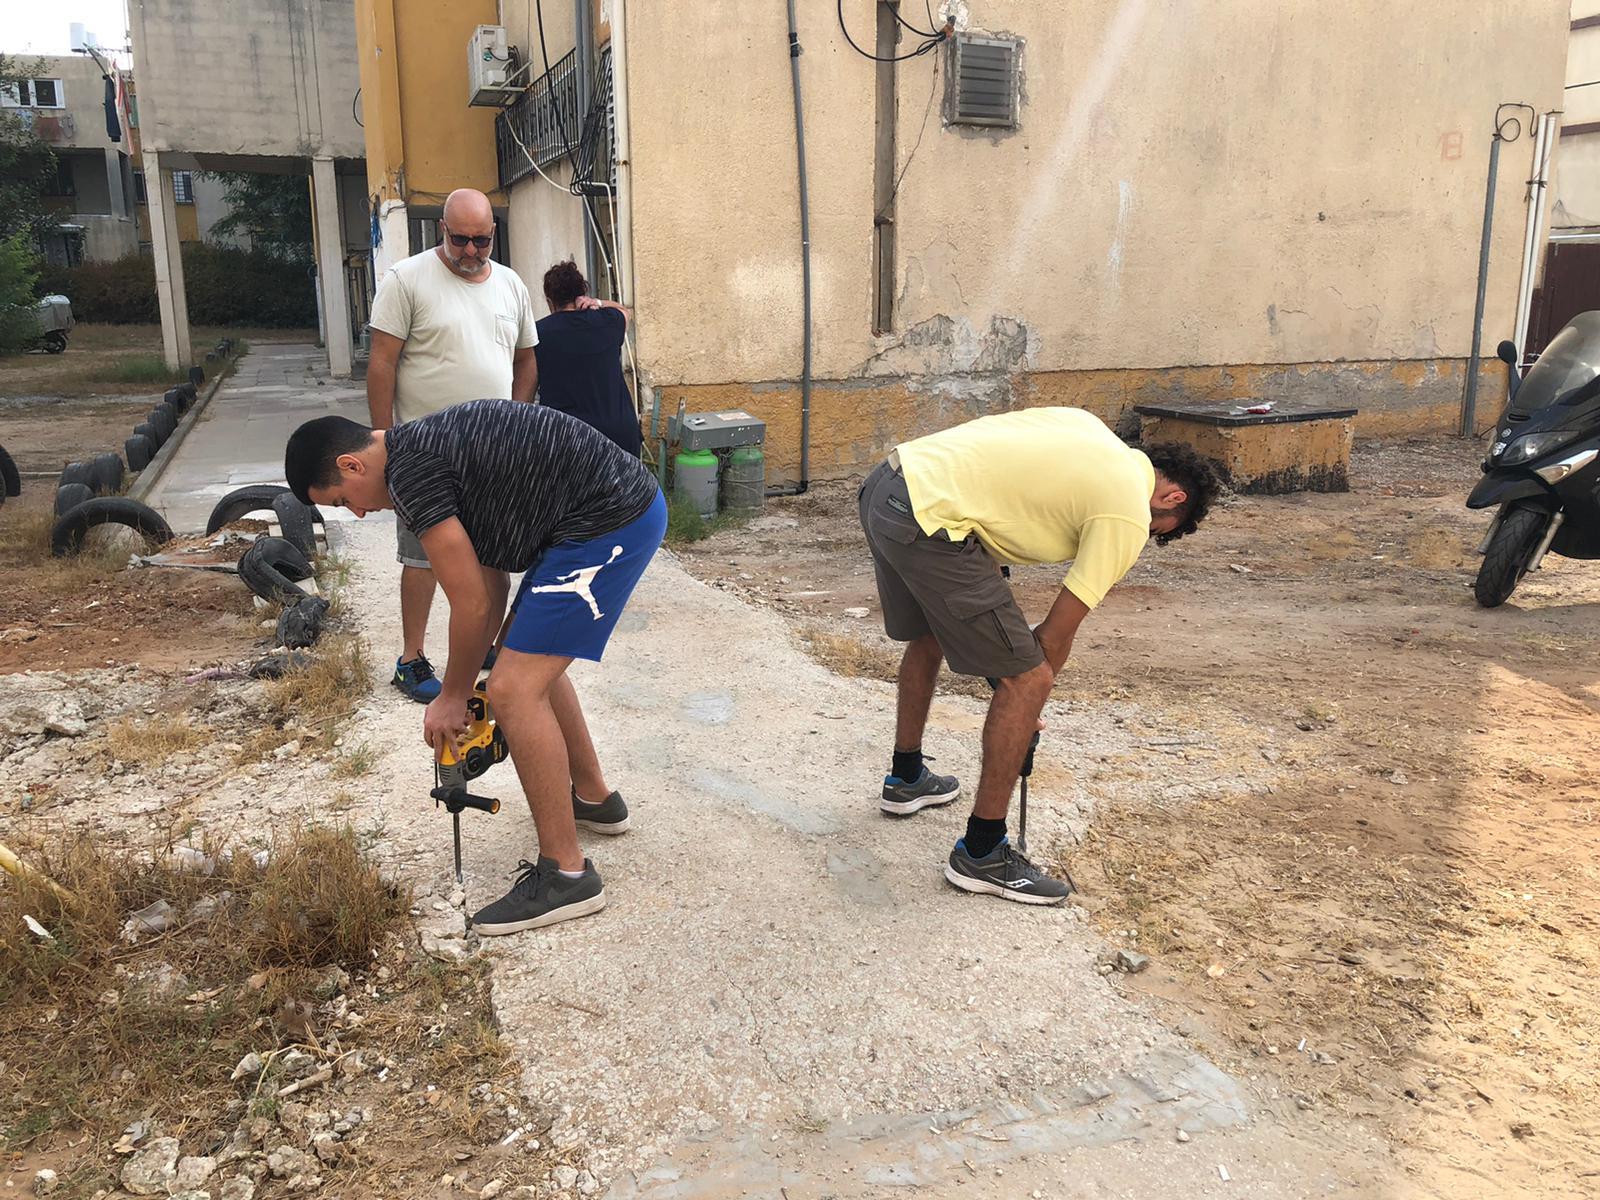 עומרי ואביו מתנדבים